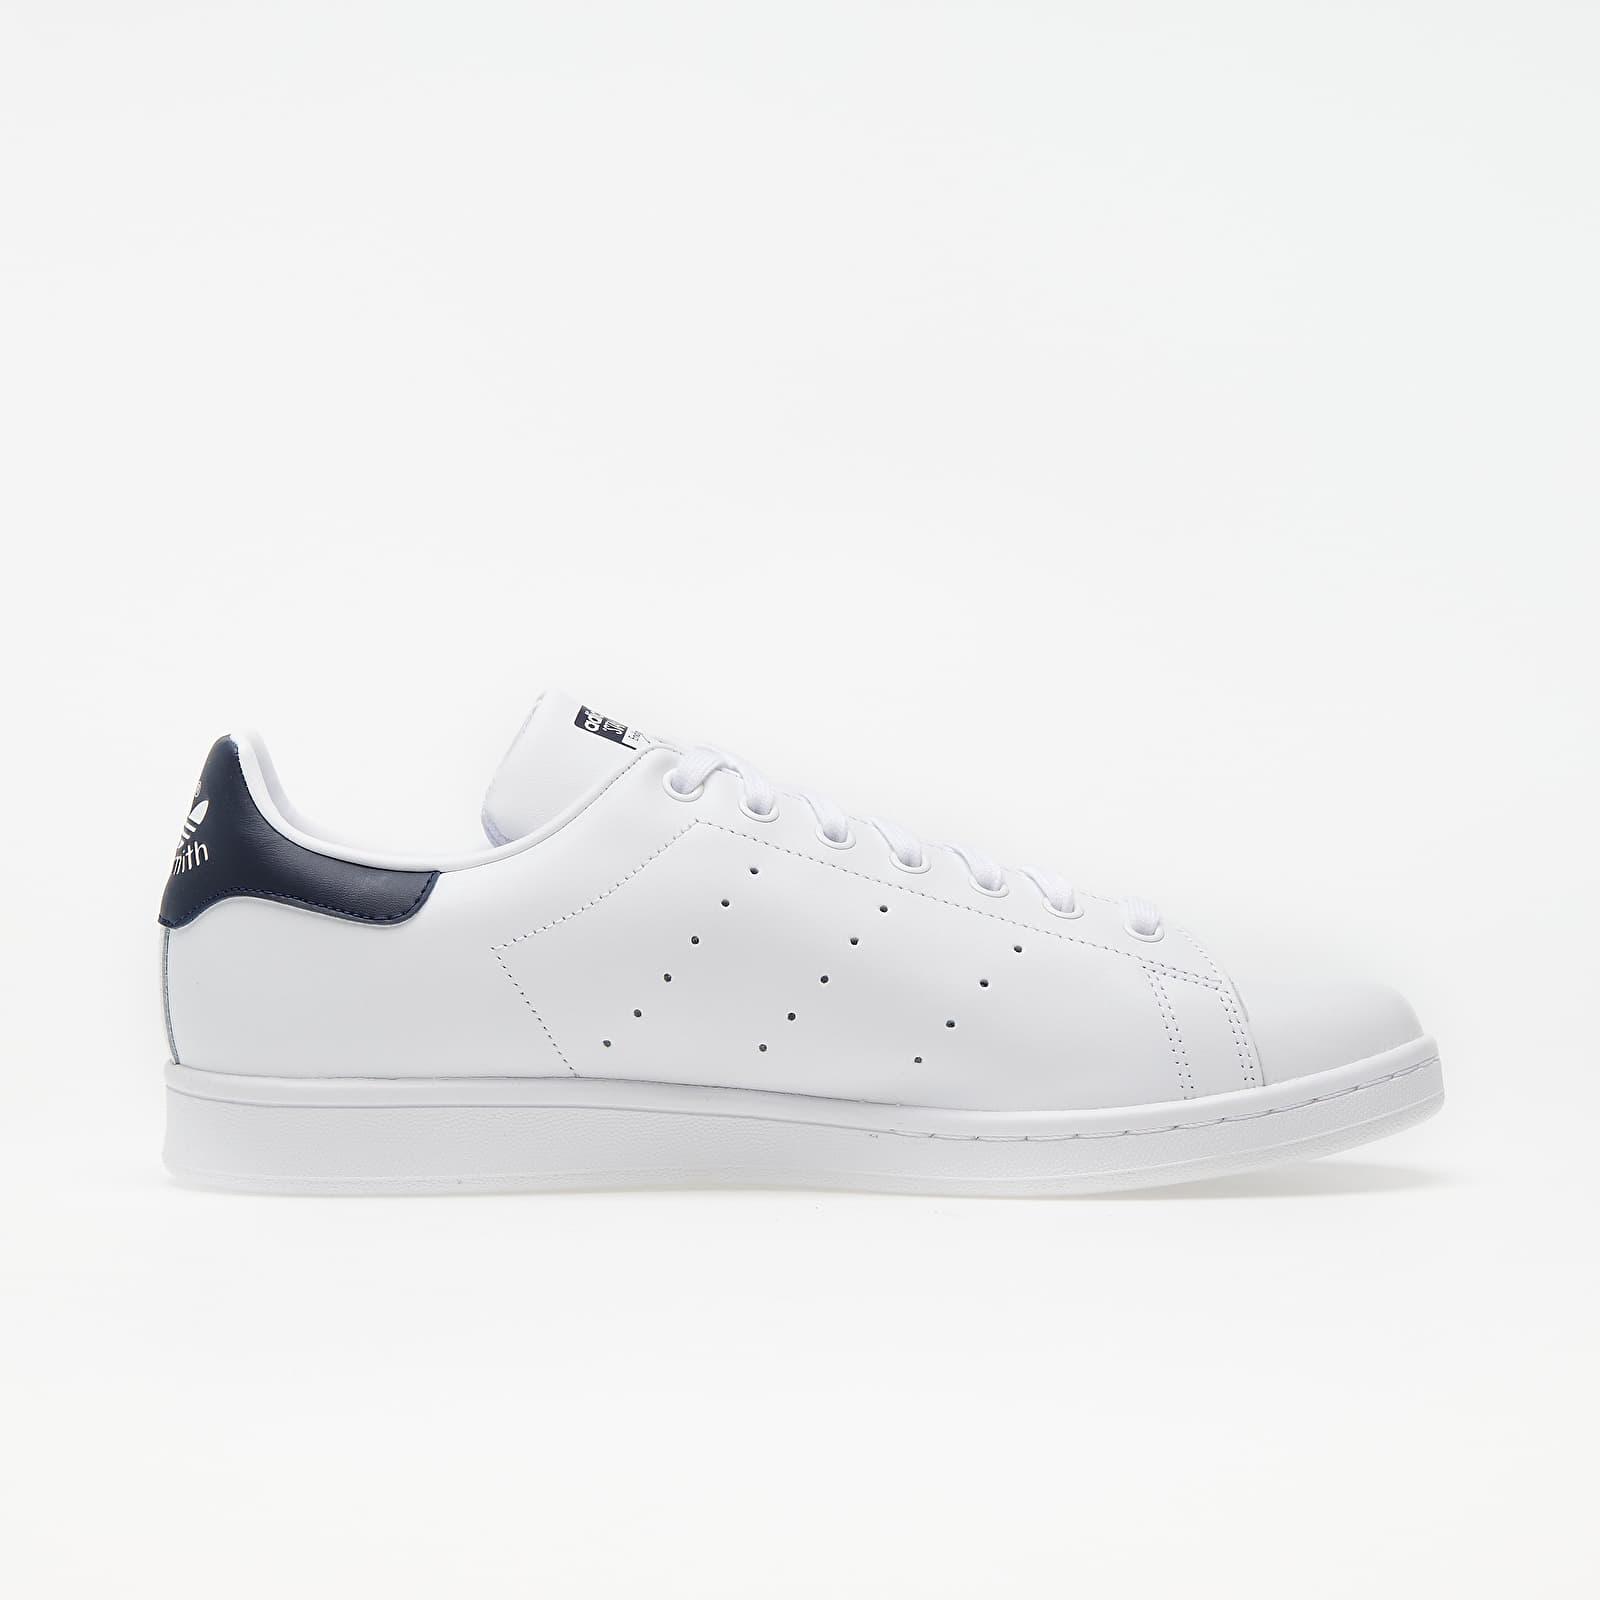 adidas Stan Smith Running White/New Navy | Footshop